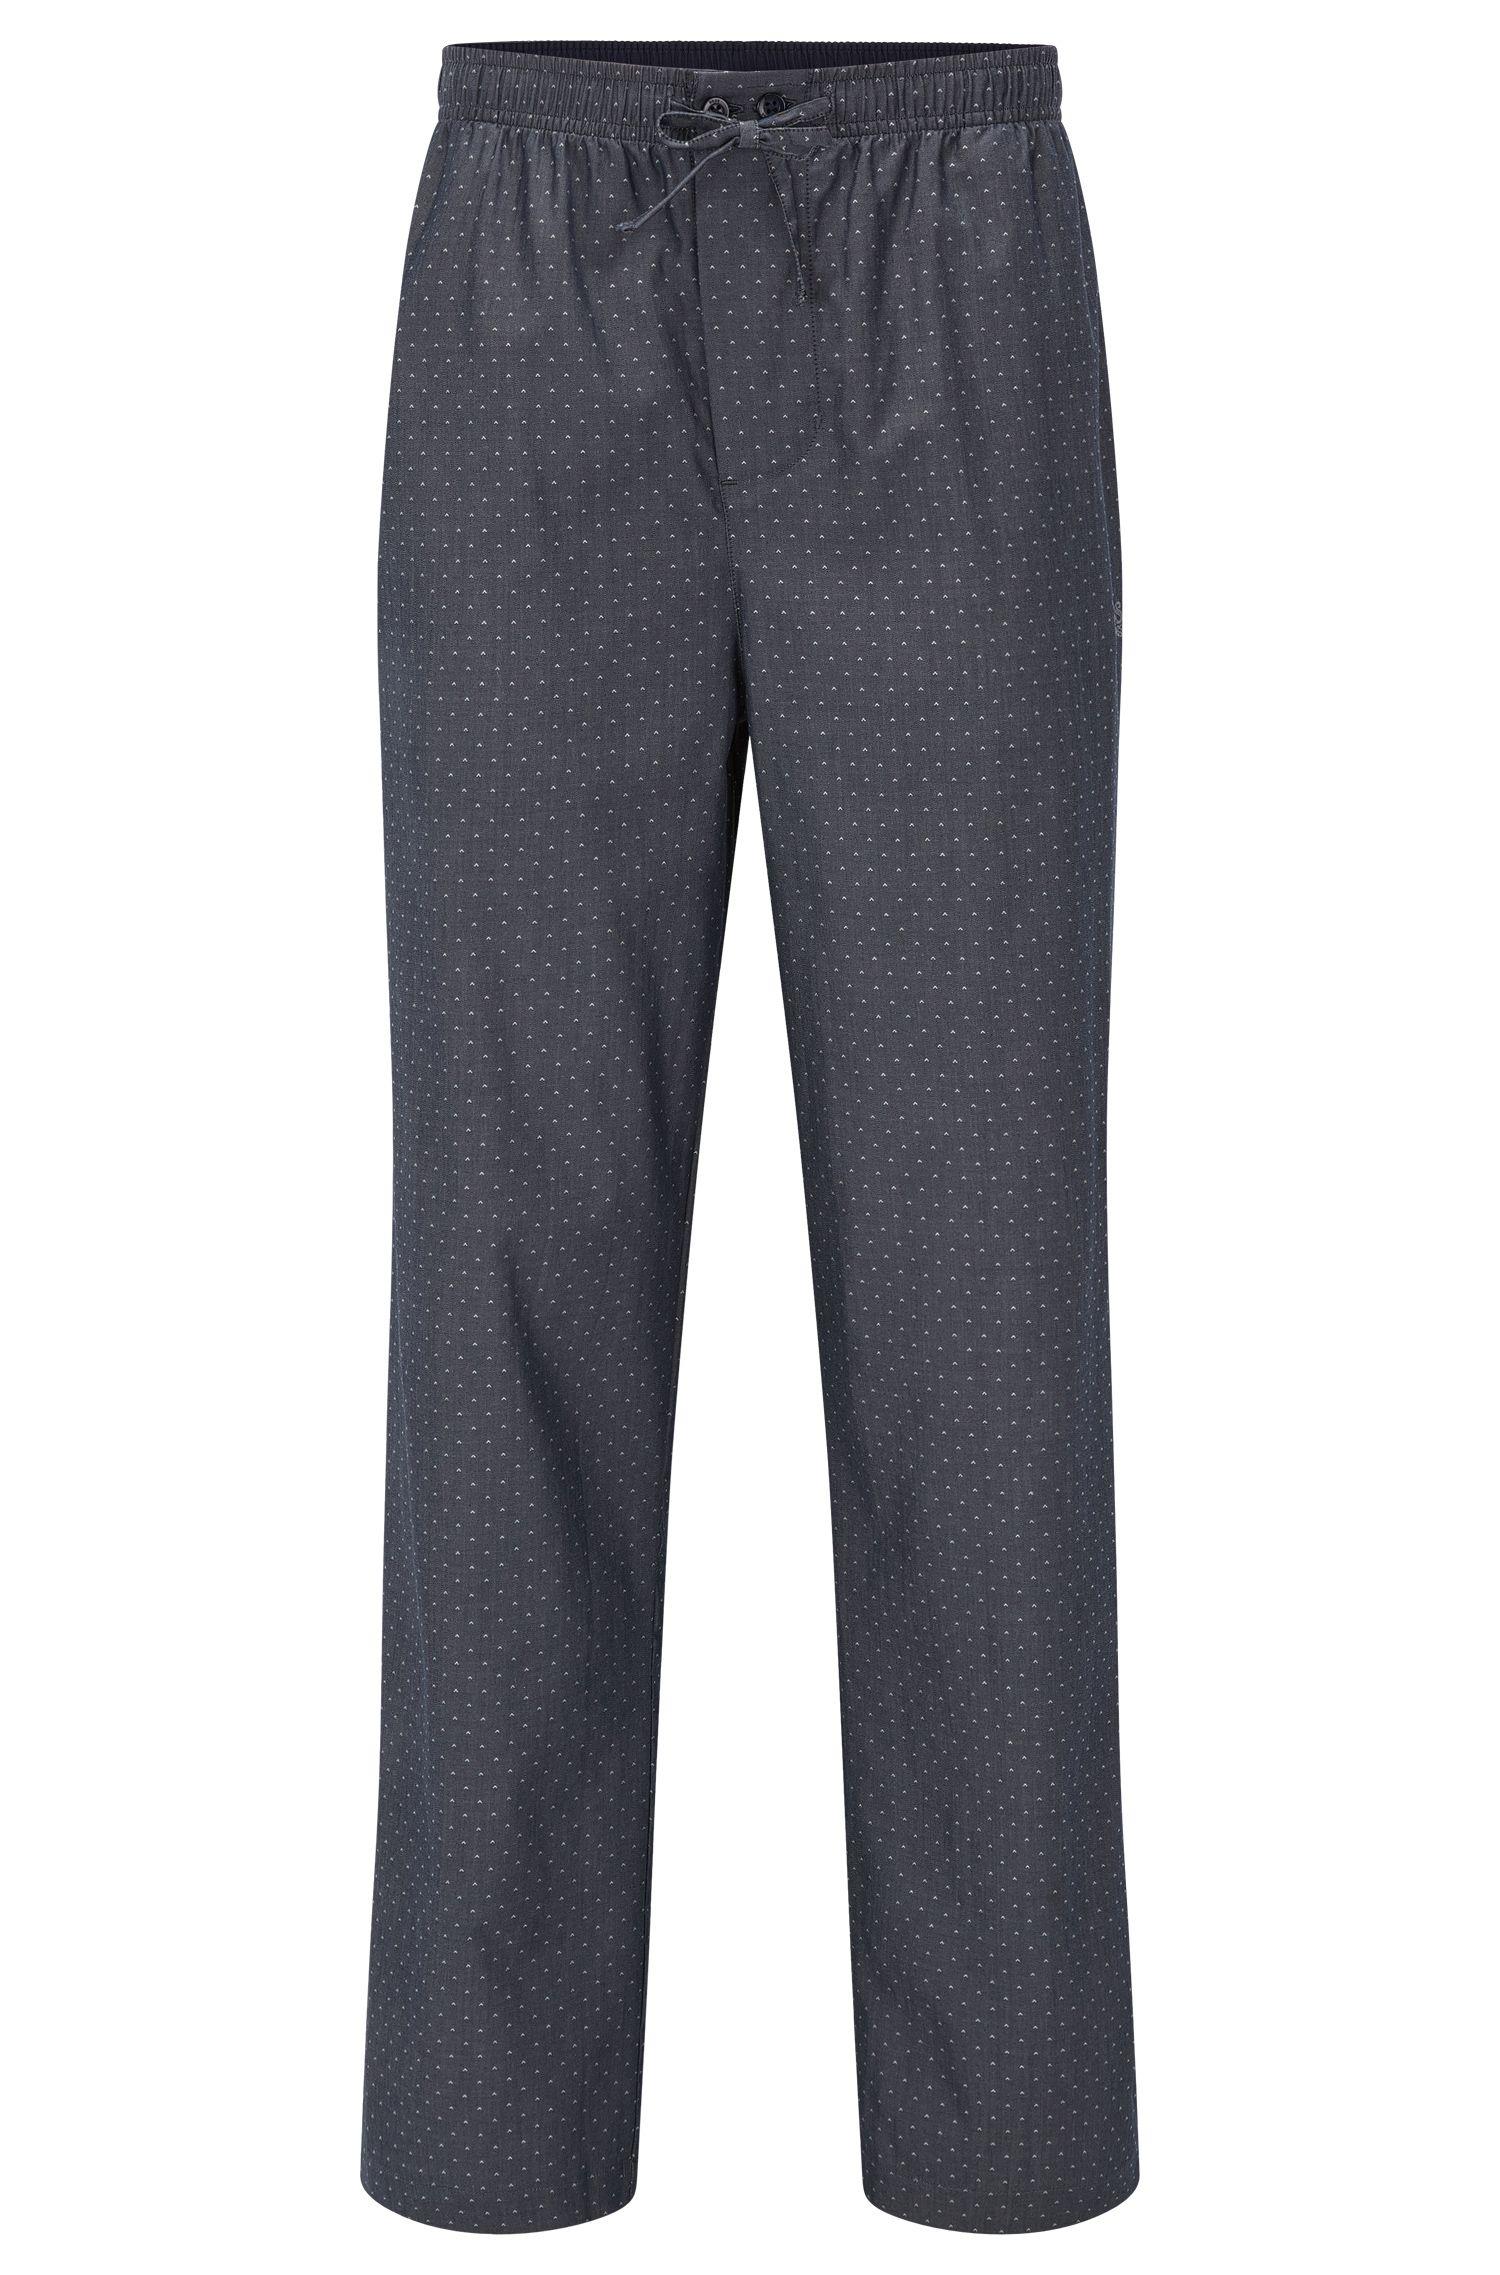 Pantalón de pijama en algodón con microestampado